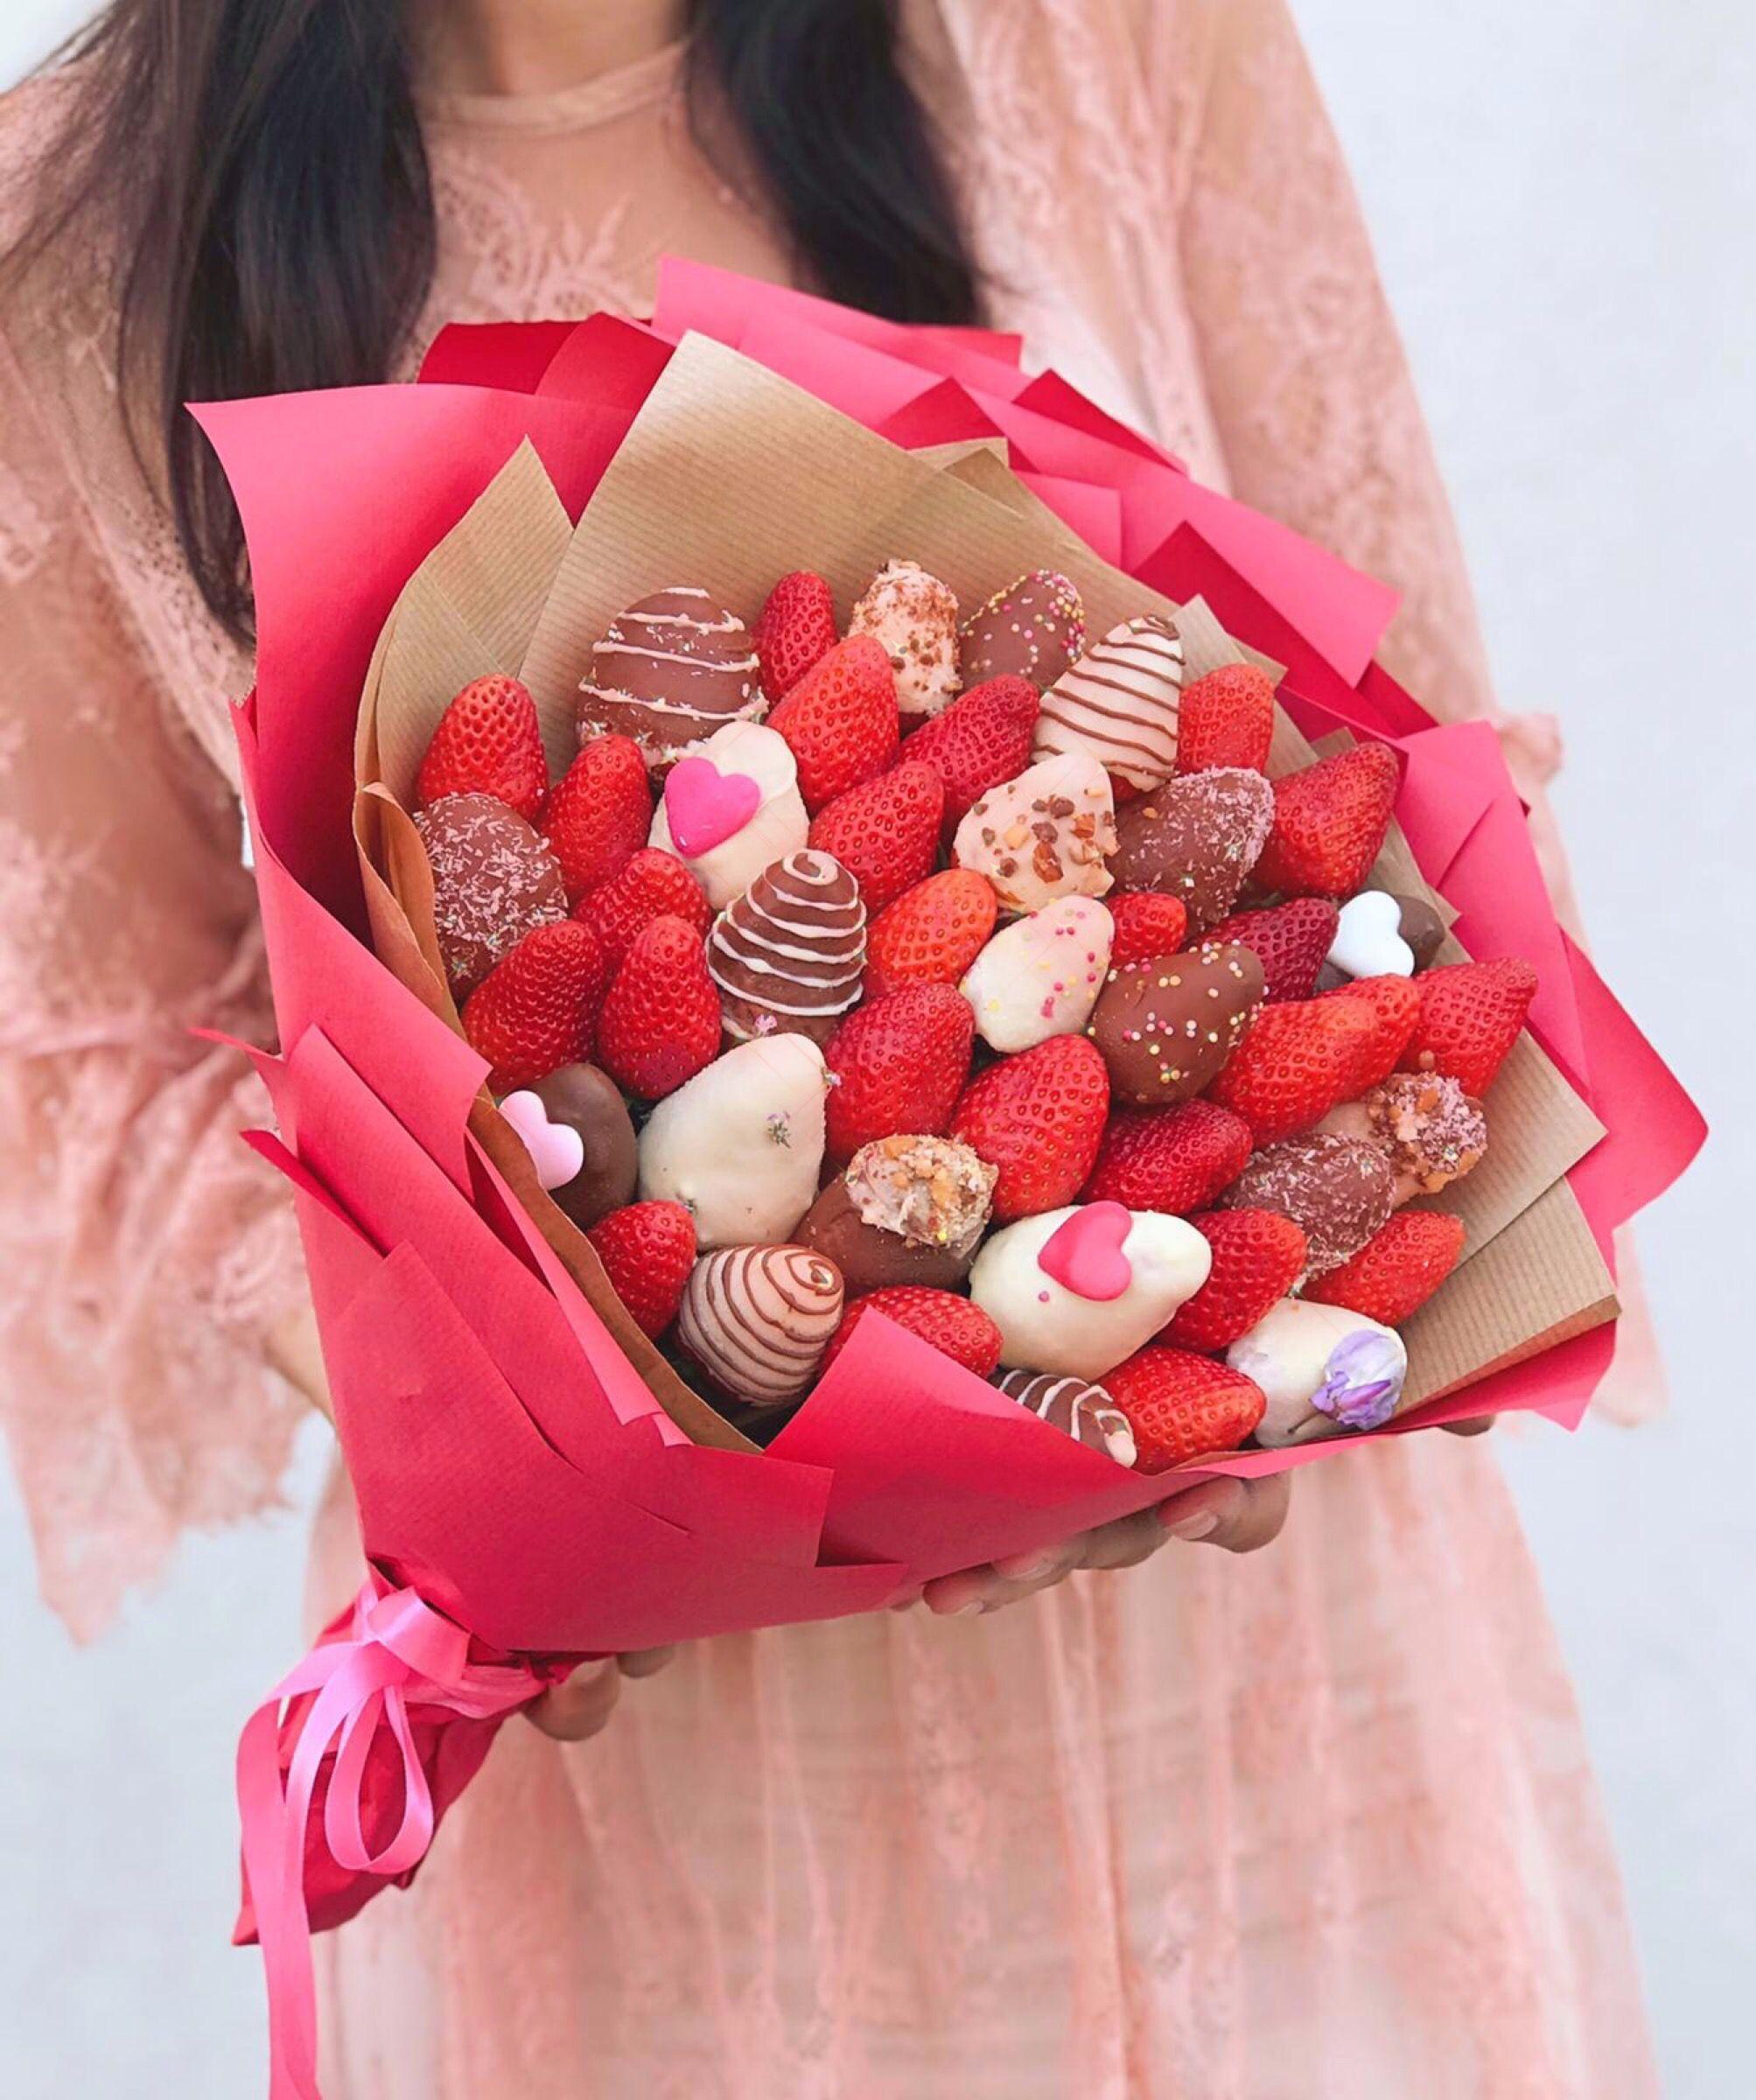 Audacieux Bouquet de fraises au chocolat en 2020 | Fraise au chocolat GN-85